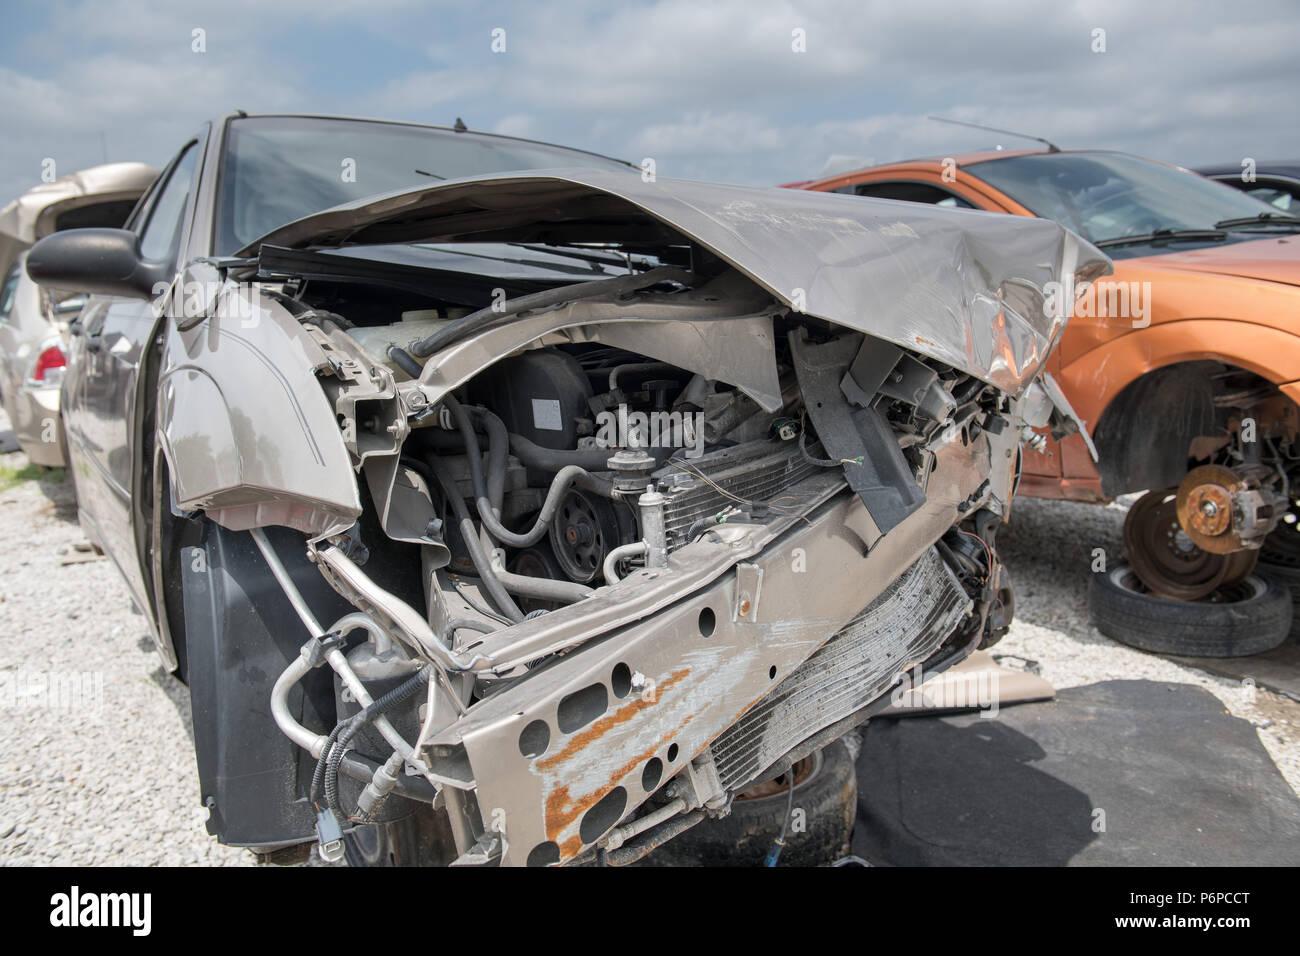 Car Suspension Broken Stock Photos Amp Car Suspension Broken